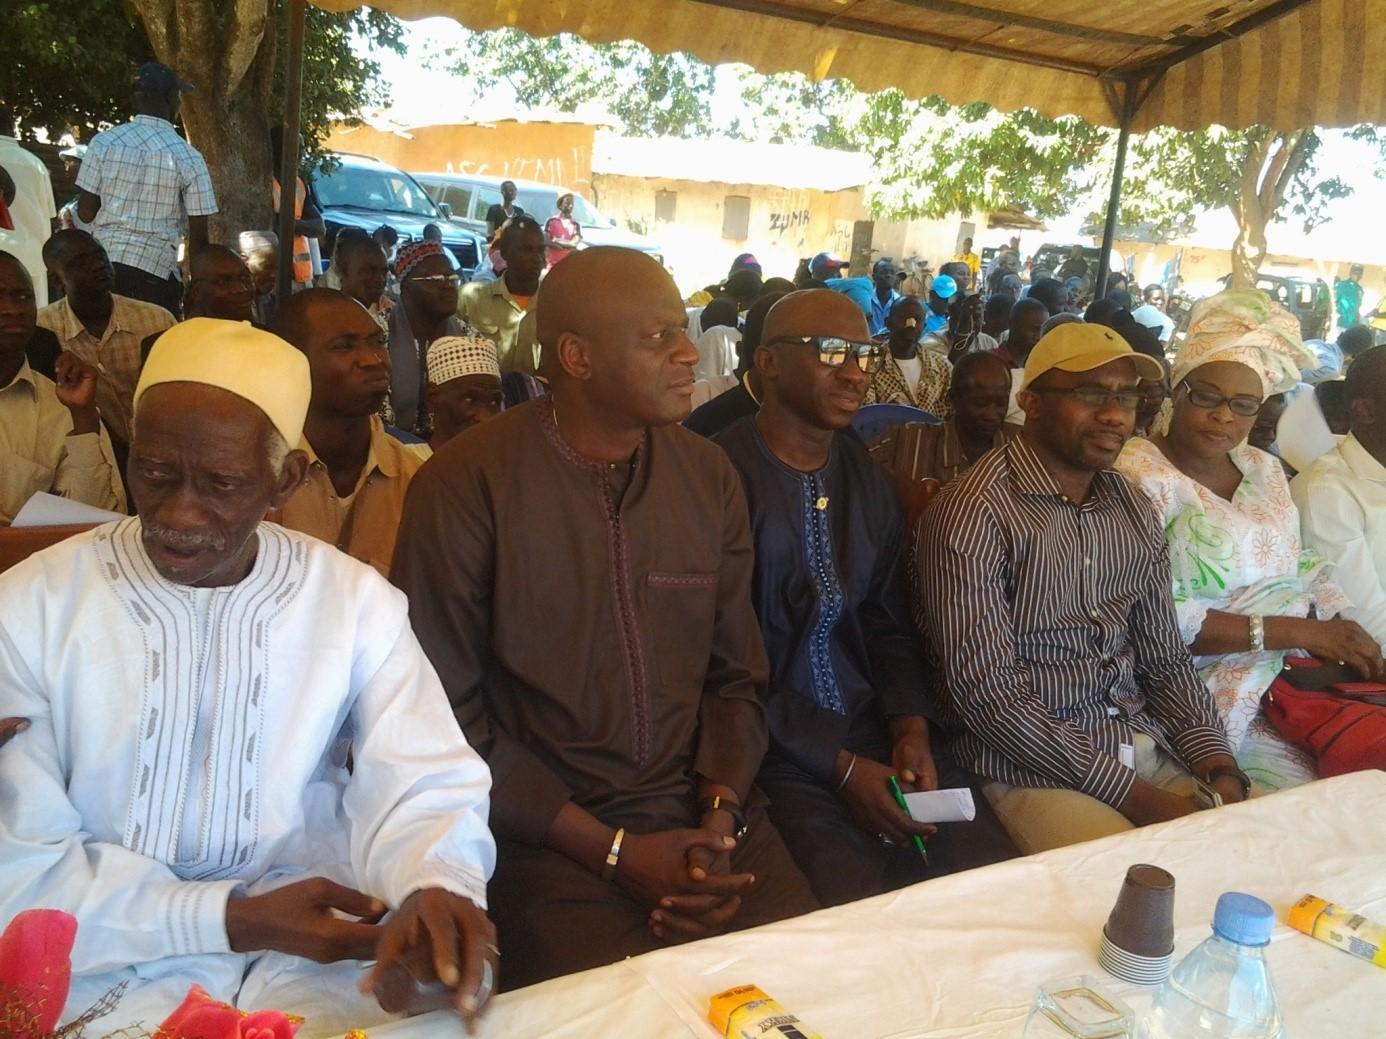 Forum de Néma 2 : Pour la structuration de leur quartier, les populations font appel au soutien du Chef de l'Etat